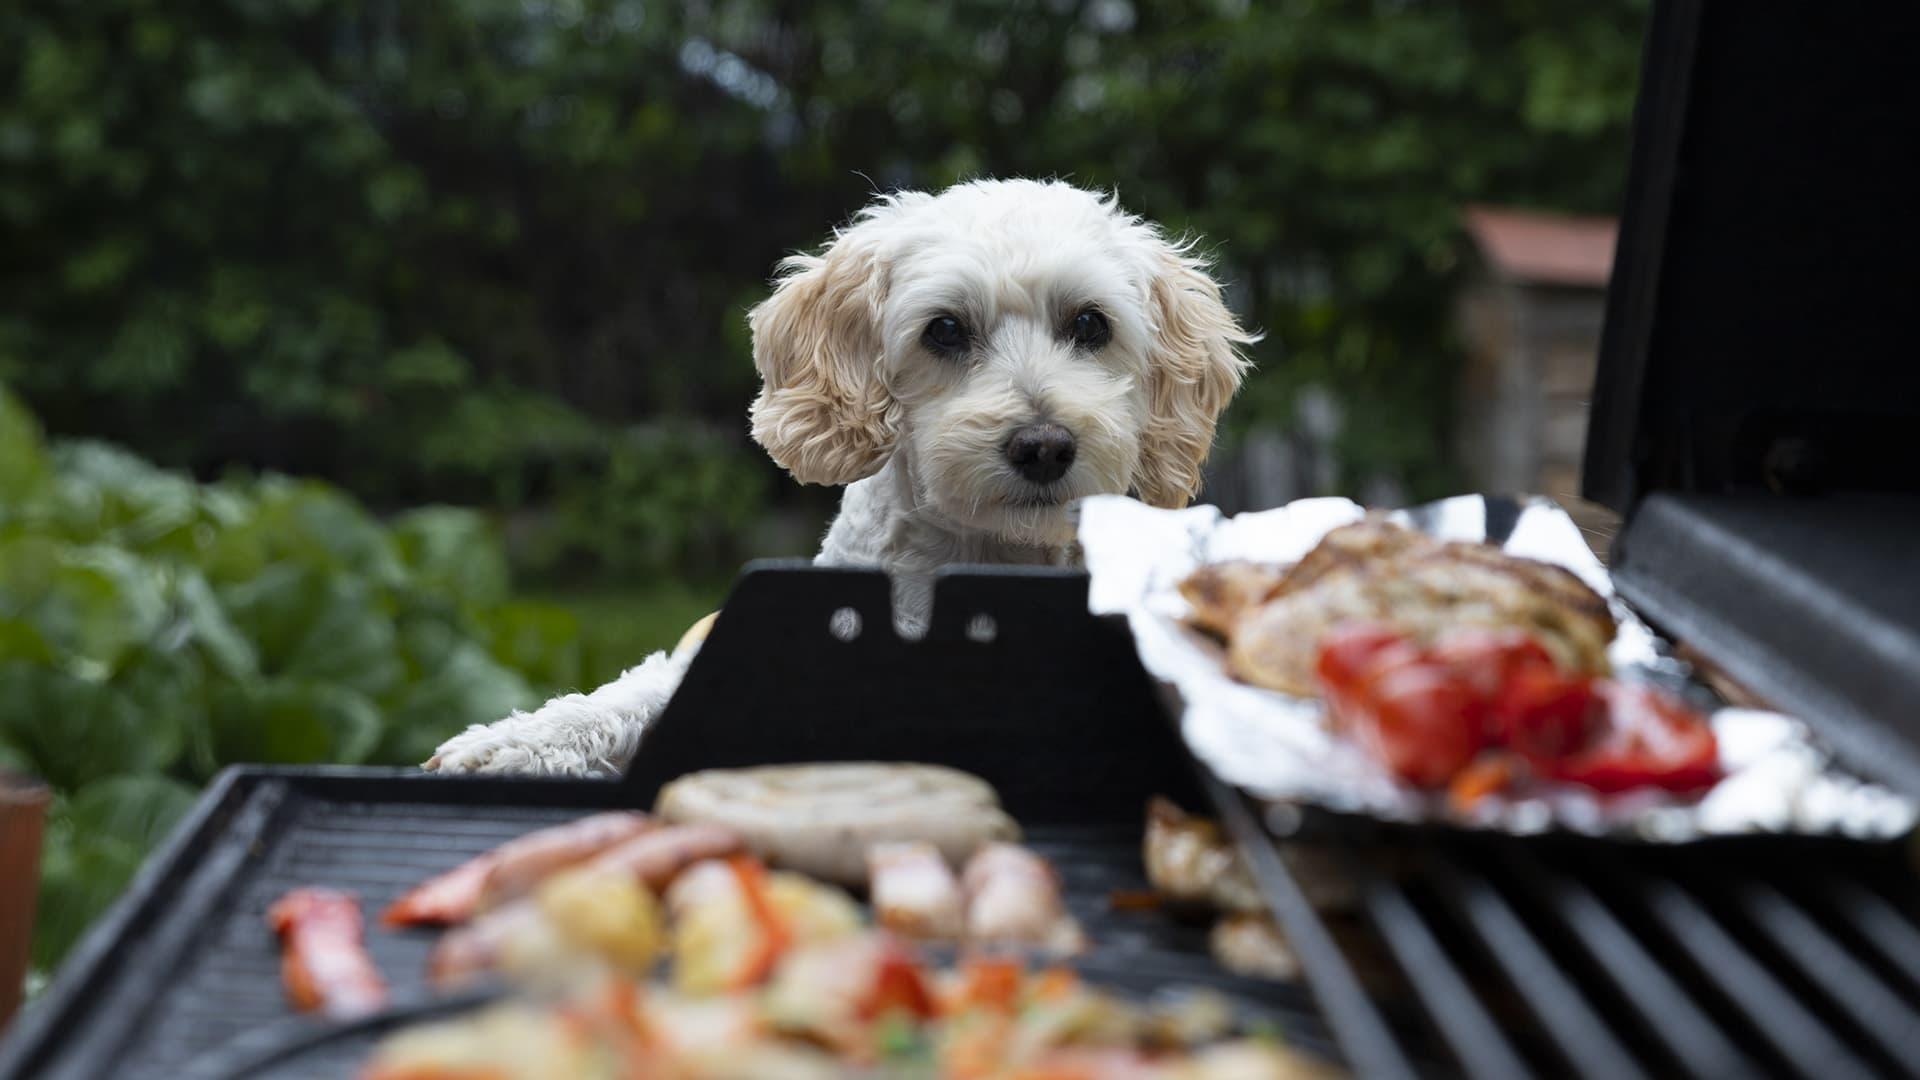 Grillissä valmistettavien ruokien ongelma on eläinlääkäreiden mukaan korkea rasvapitoisuus ja mausteet, jotka etenkin suurina määrinä yhdessä aiheuttavat koirille huonovointisuutta.